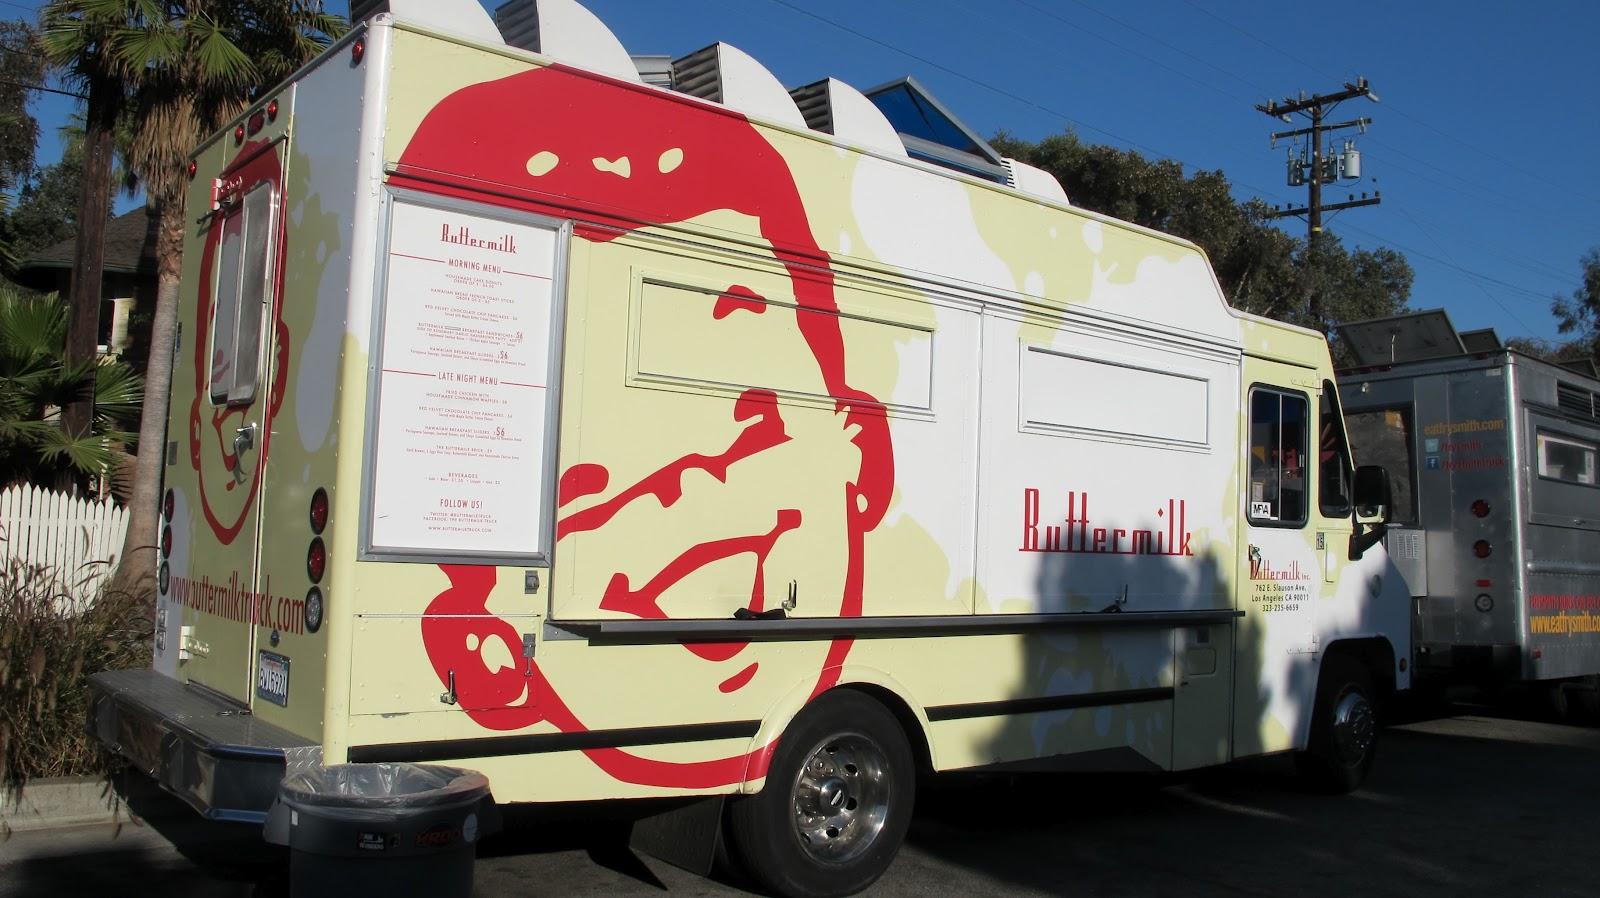 Los angeles lots of food truck lots